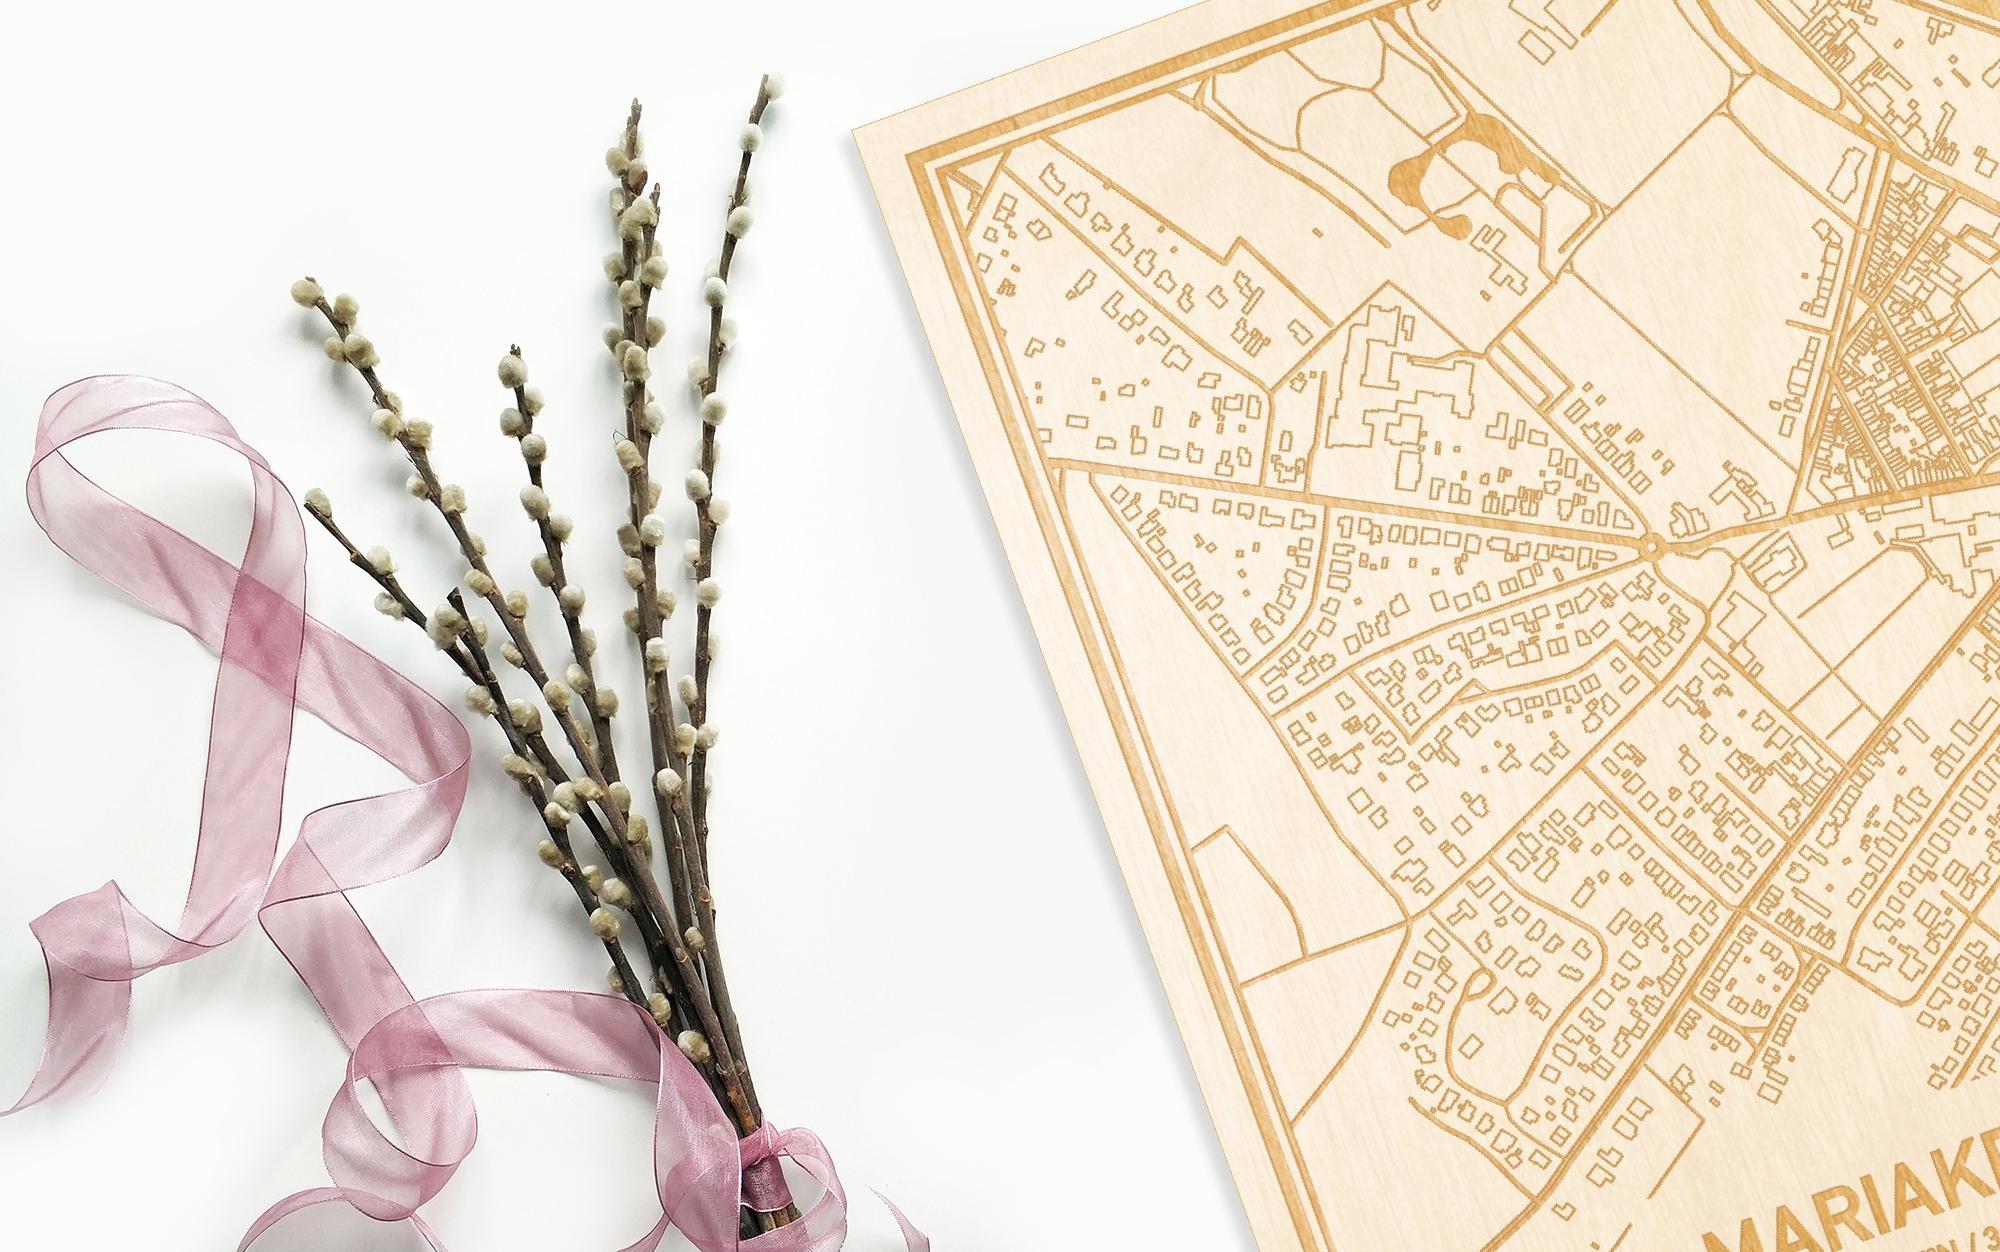 Hier ligt de houten plattegrond Mariakerke naast een bloemetje als gepersonaliseerd cadeau voor haar.